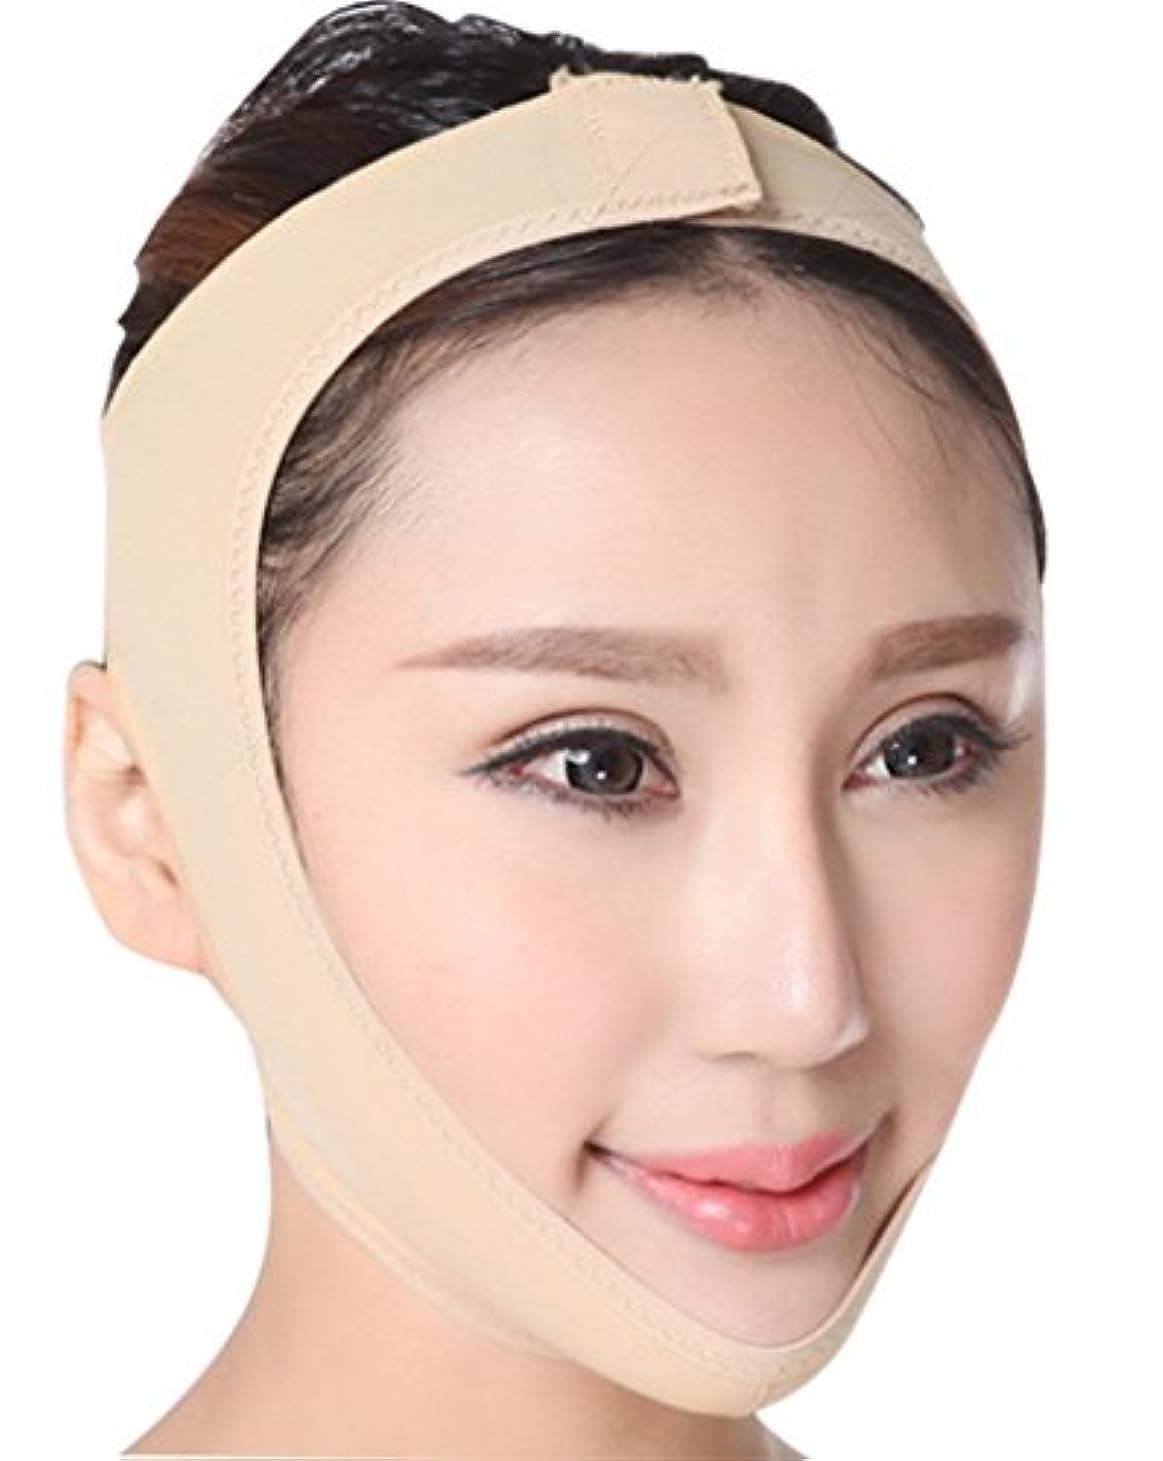 アレイジョリー普遍的なフェイスラインベルト M/L/XLサイズ 抗シワ 額、顎下、頬リフトアップ 小顔 美顔 頬のたるみ 引き上げマスク XL